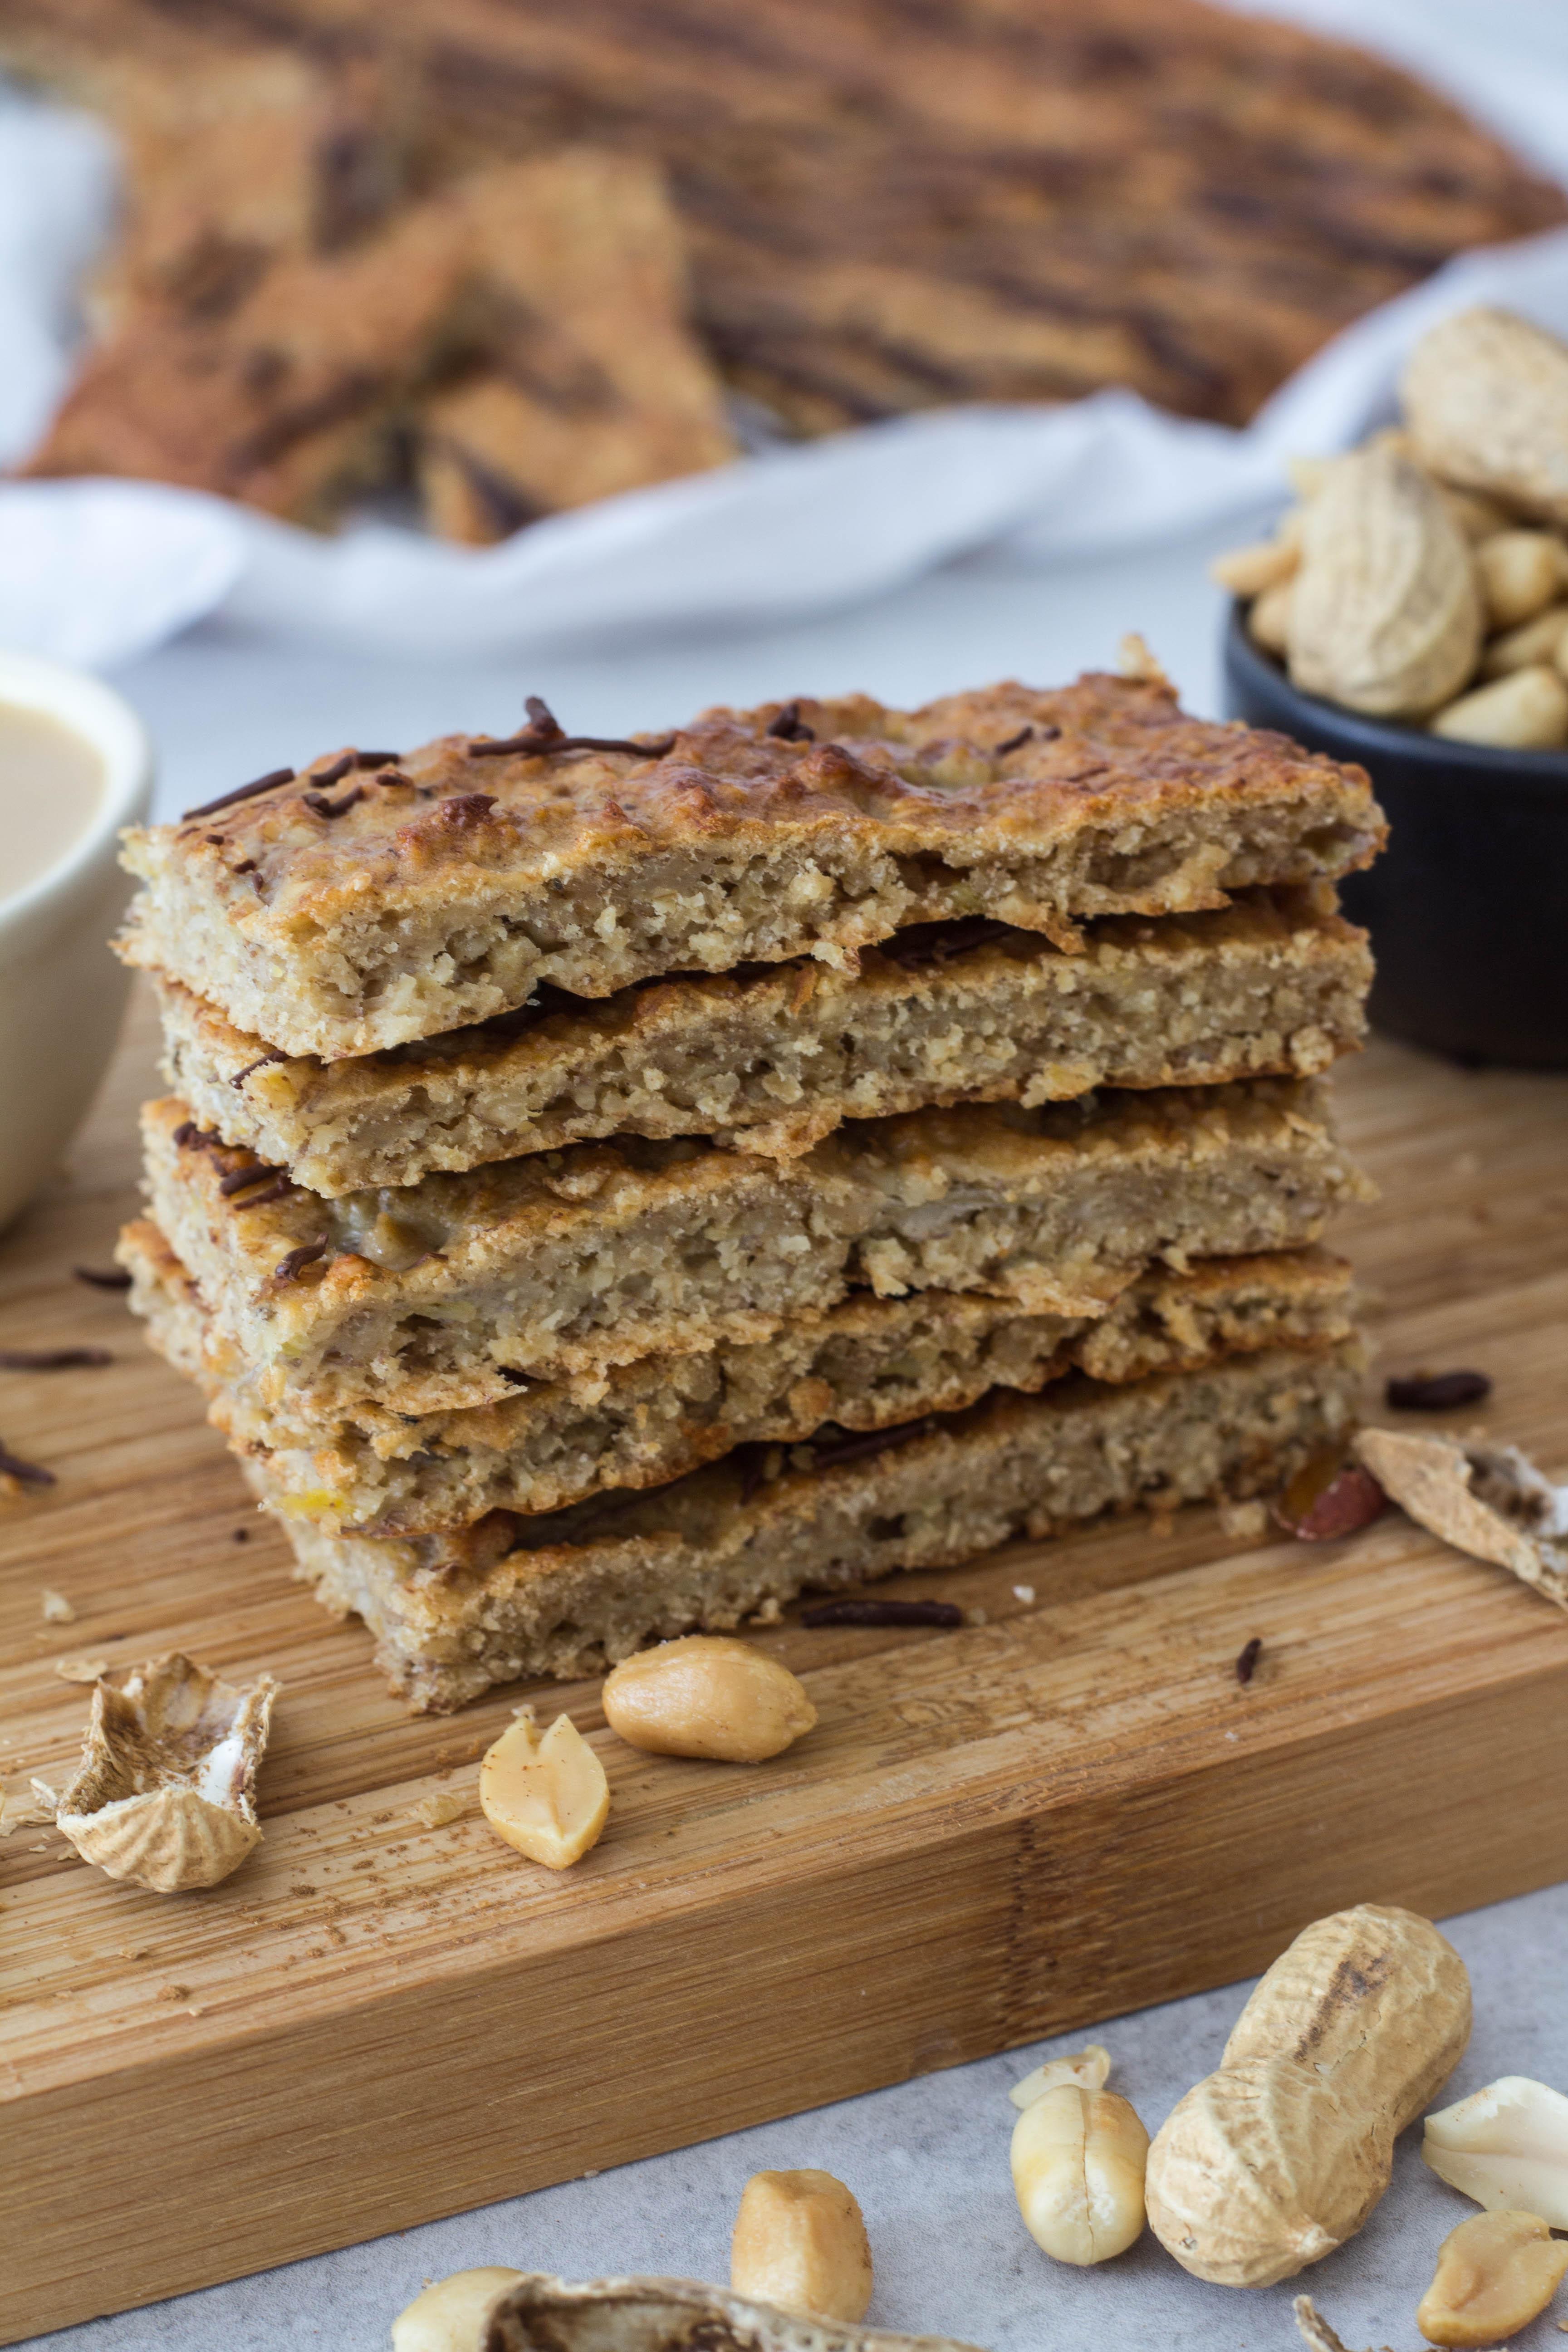 Leckere Riegel mit Erdnussmus, Haferflocken und Bananen. Gesunde Zwischenmahlzeit für Groß & Klein.